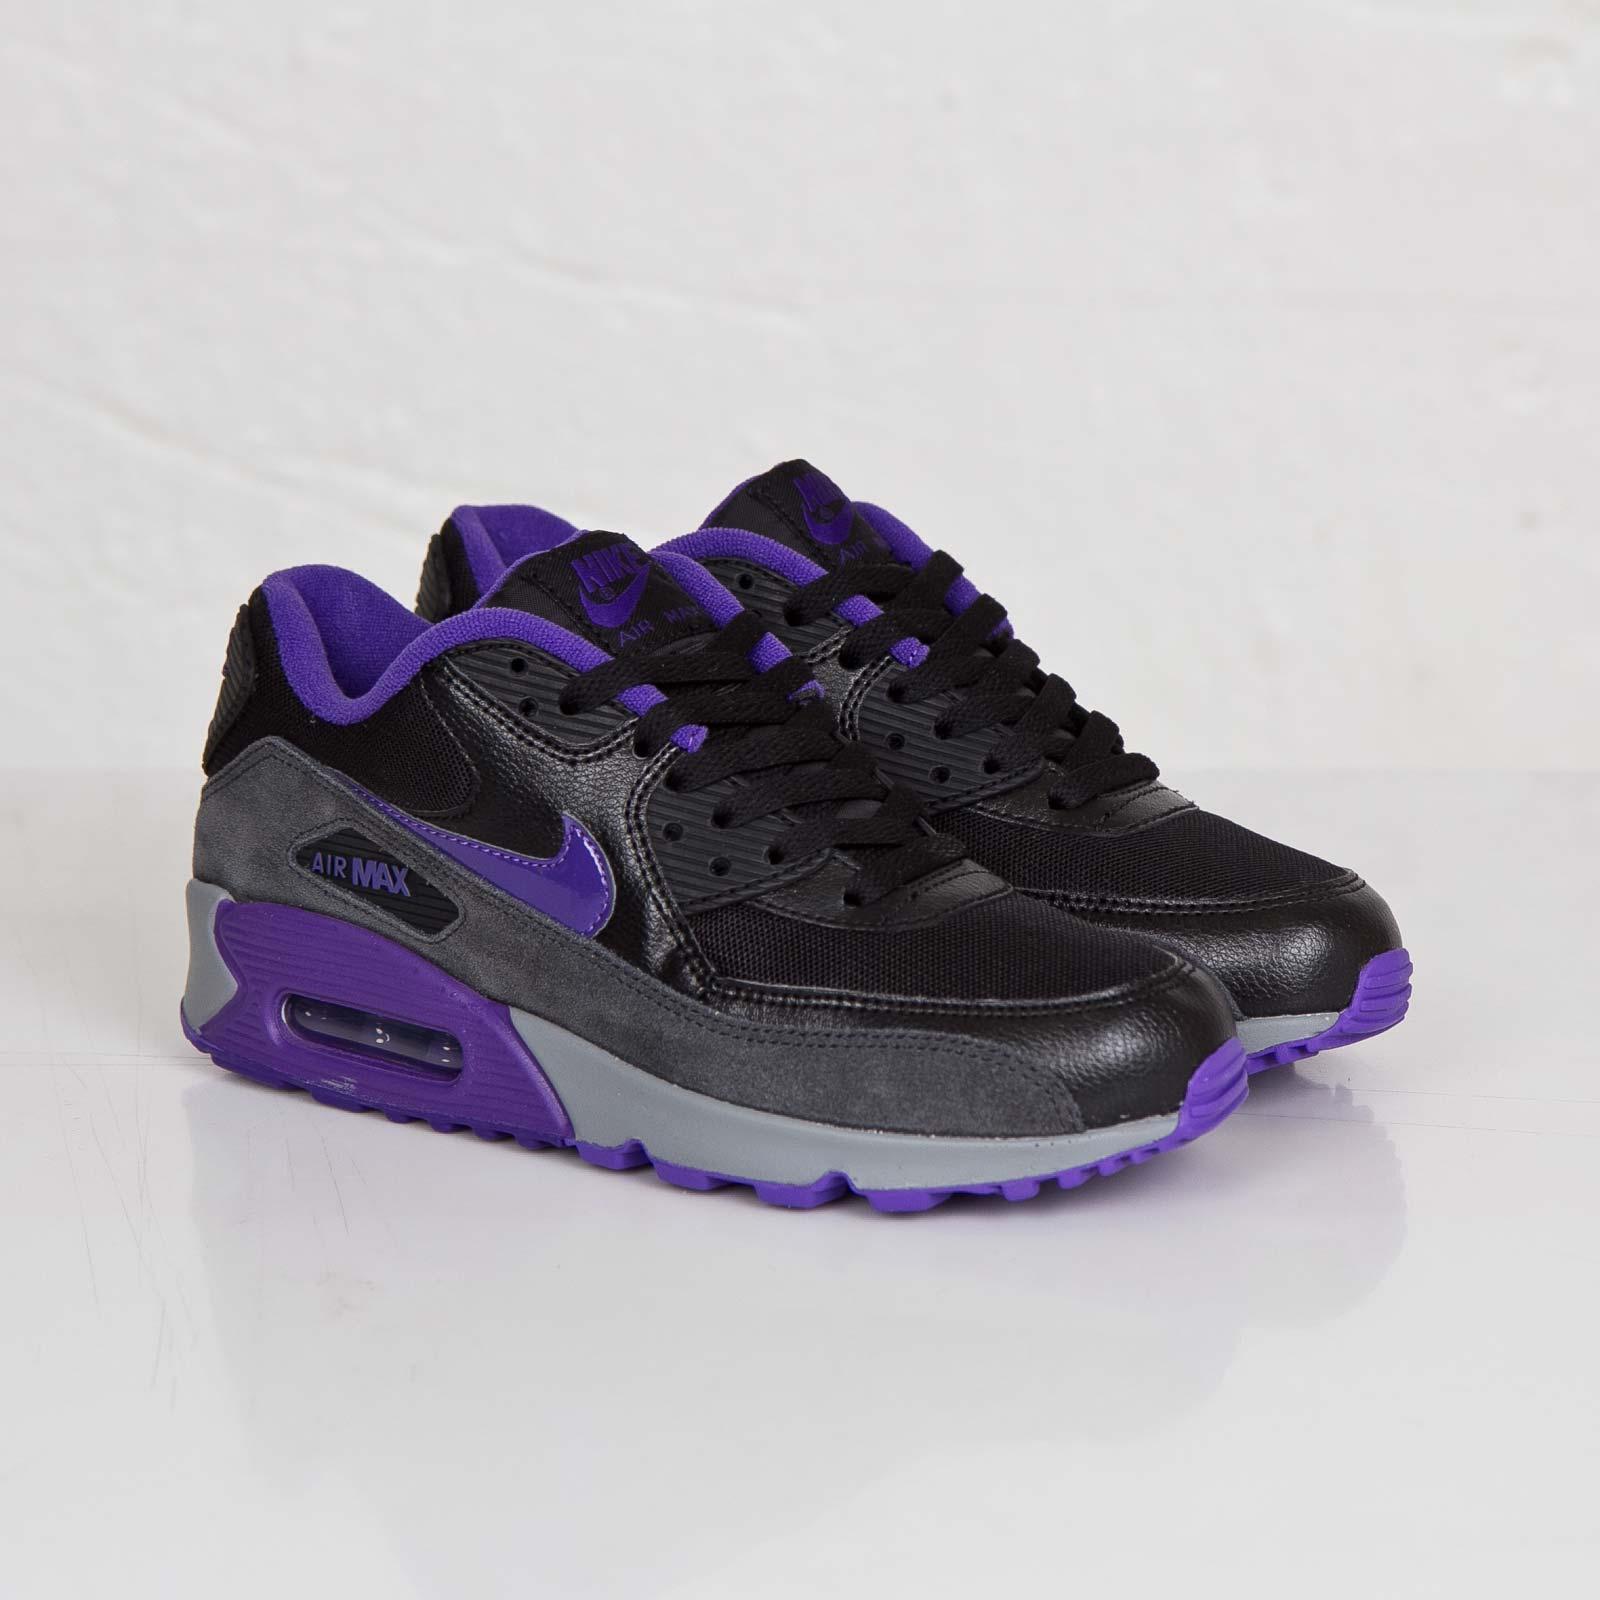 Classic Nike Wmns Air Max 90 Essential Dark Grey Hyper